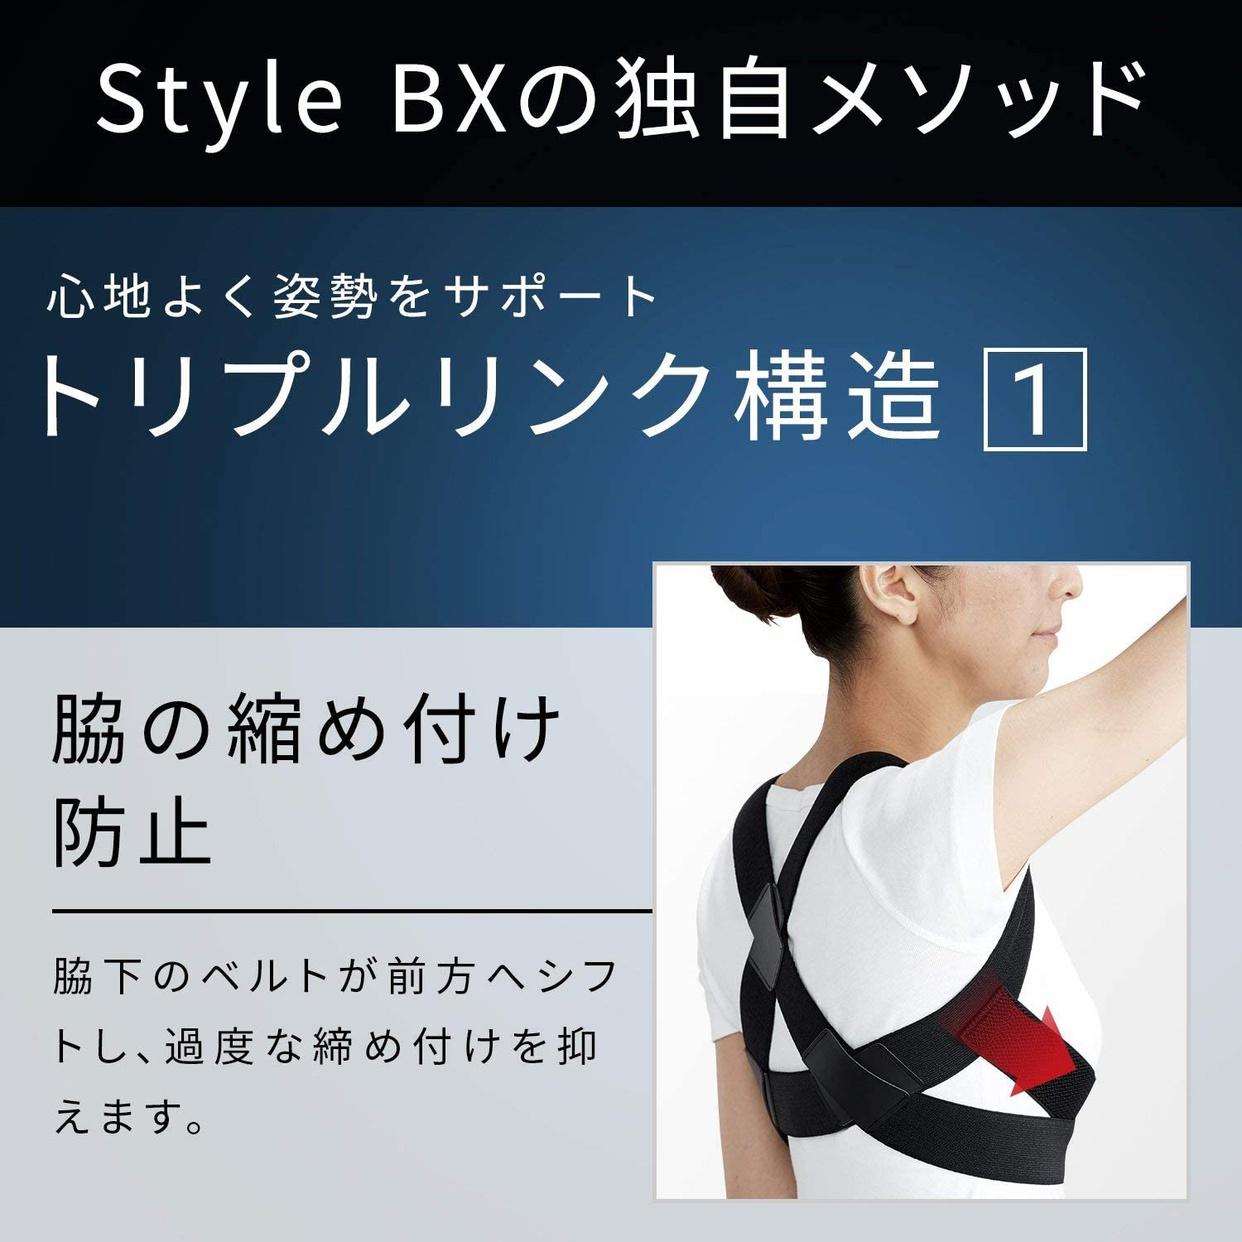 MTG(エムティージー) スタイルビーエックスの商品画像4